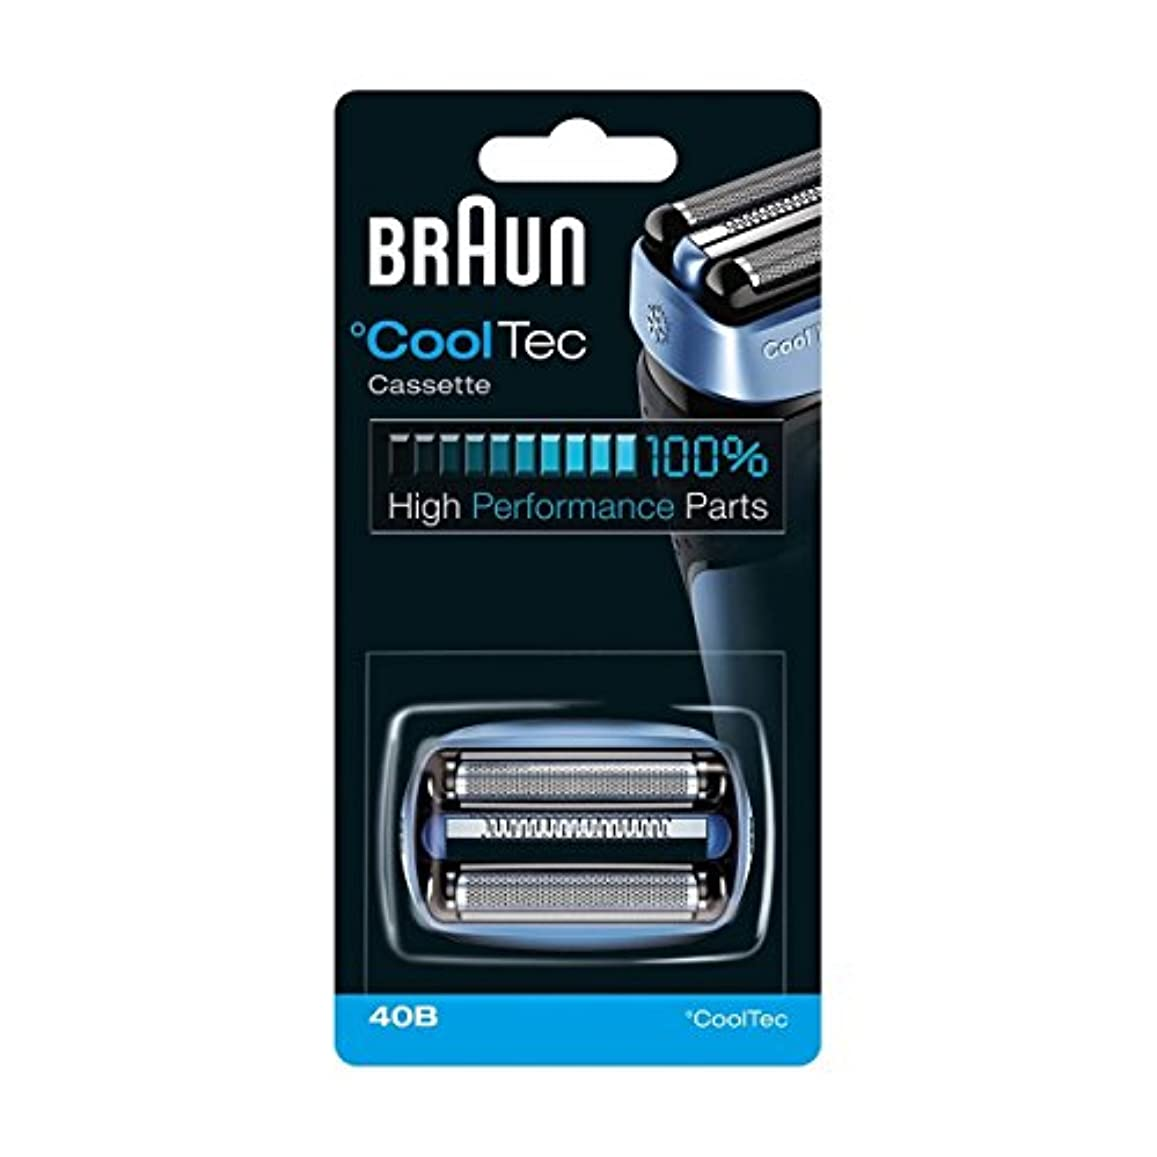 放散するキャメル小学生【並行輸入品】BRAUN 40B Foil and Cutter Replacement Cartridge for CoolTec shavers series